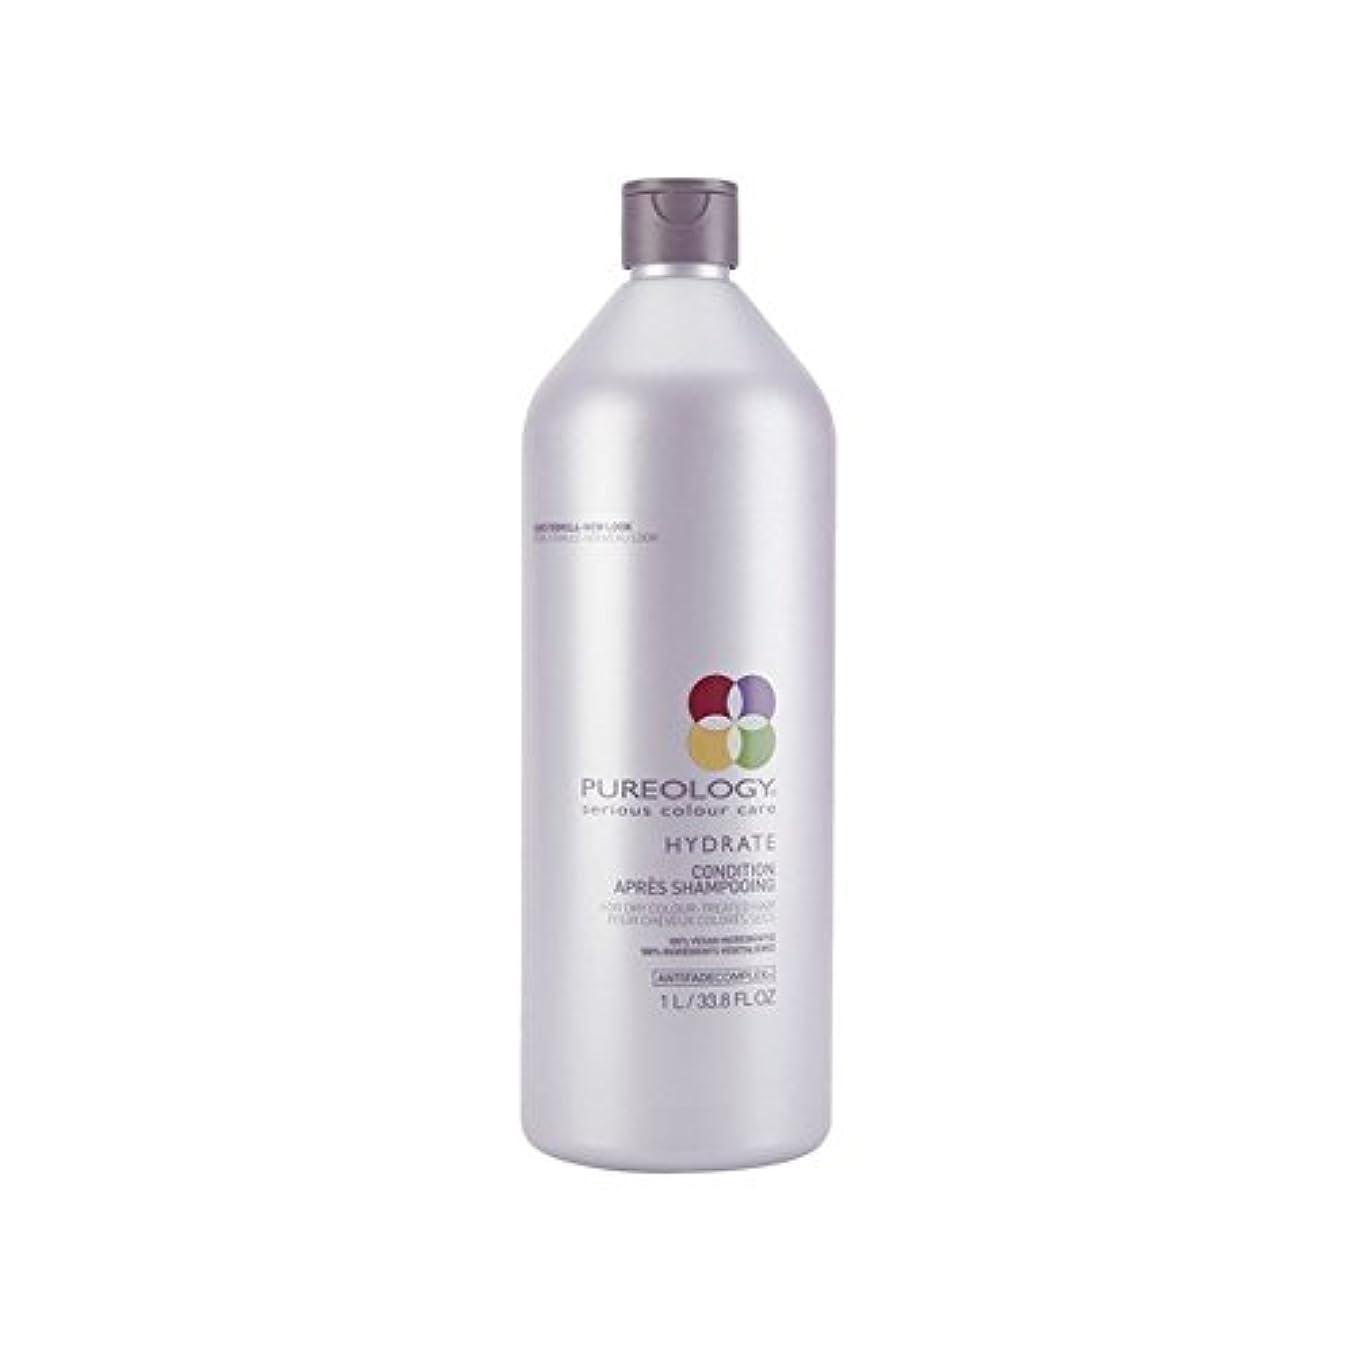 粘液食用迷惑純粋な水和物コンディショナー(千ミリリットル) x2 - Pureology Pure Hydrate Conditioner (1000ml) (Pack of 2) [並行輸入品]